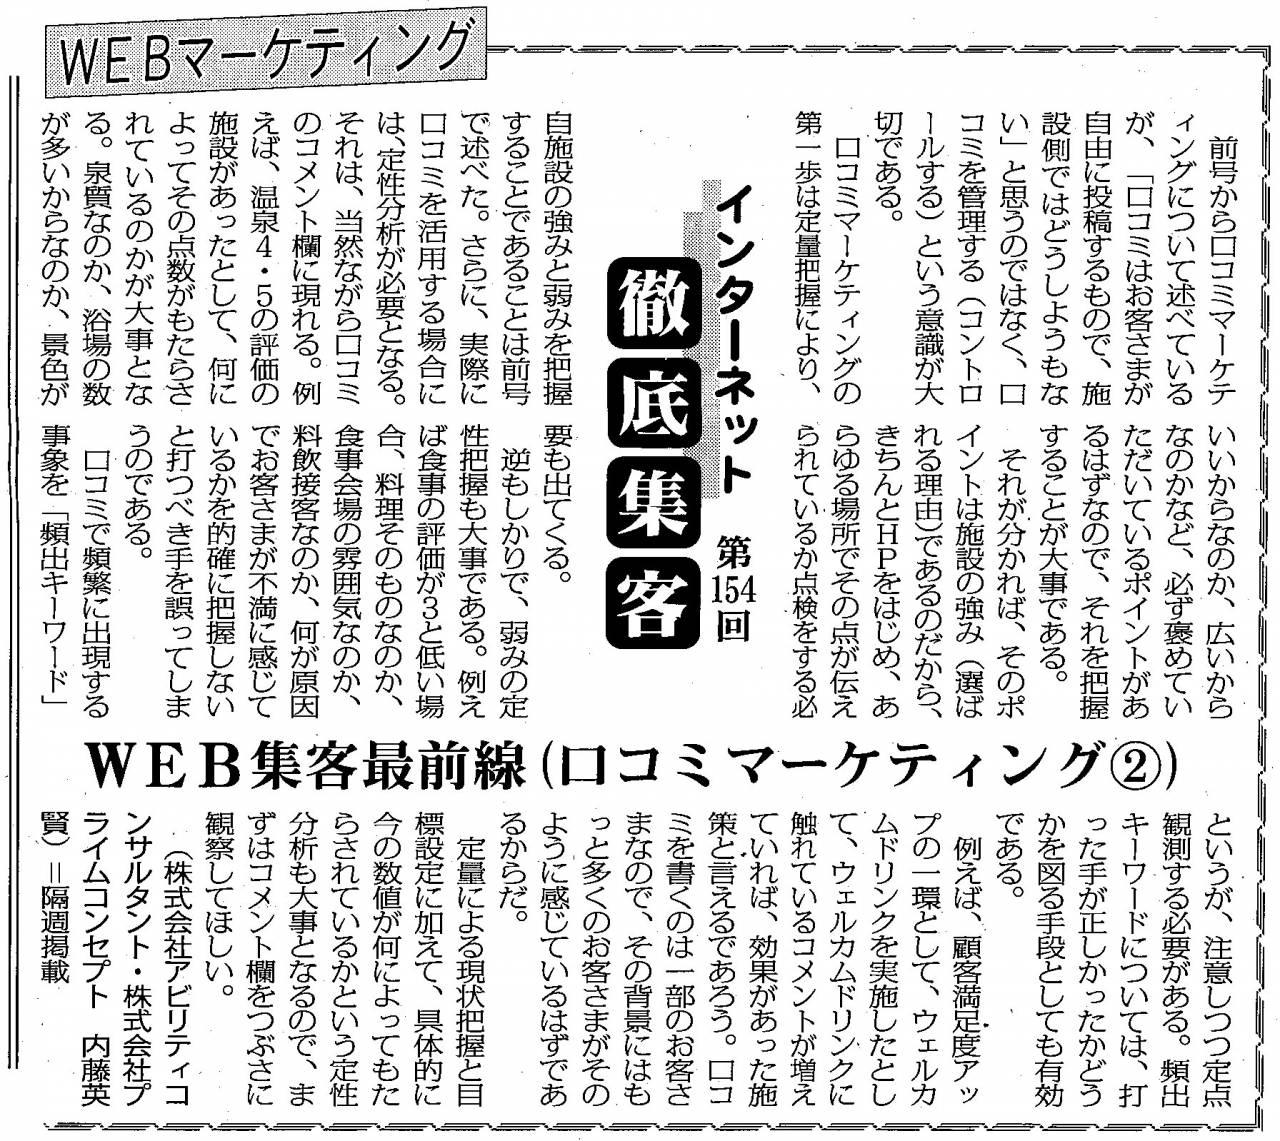 【第154回】WEBマーケティング HPの最新トレンド( 口コミマーケティング 2 )